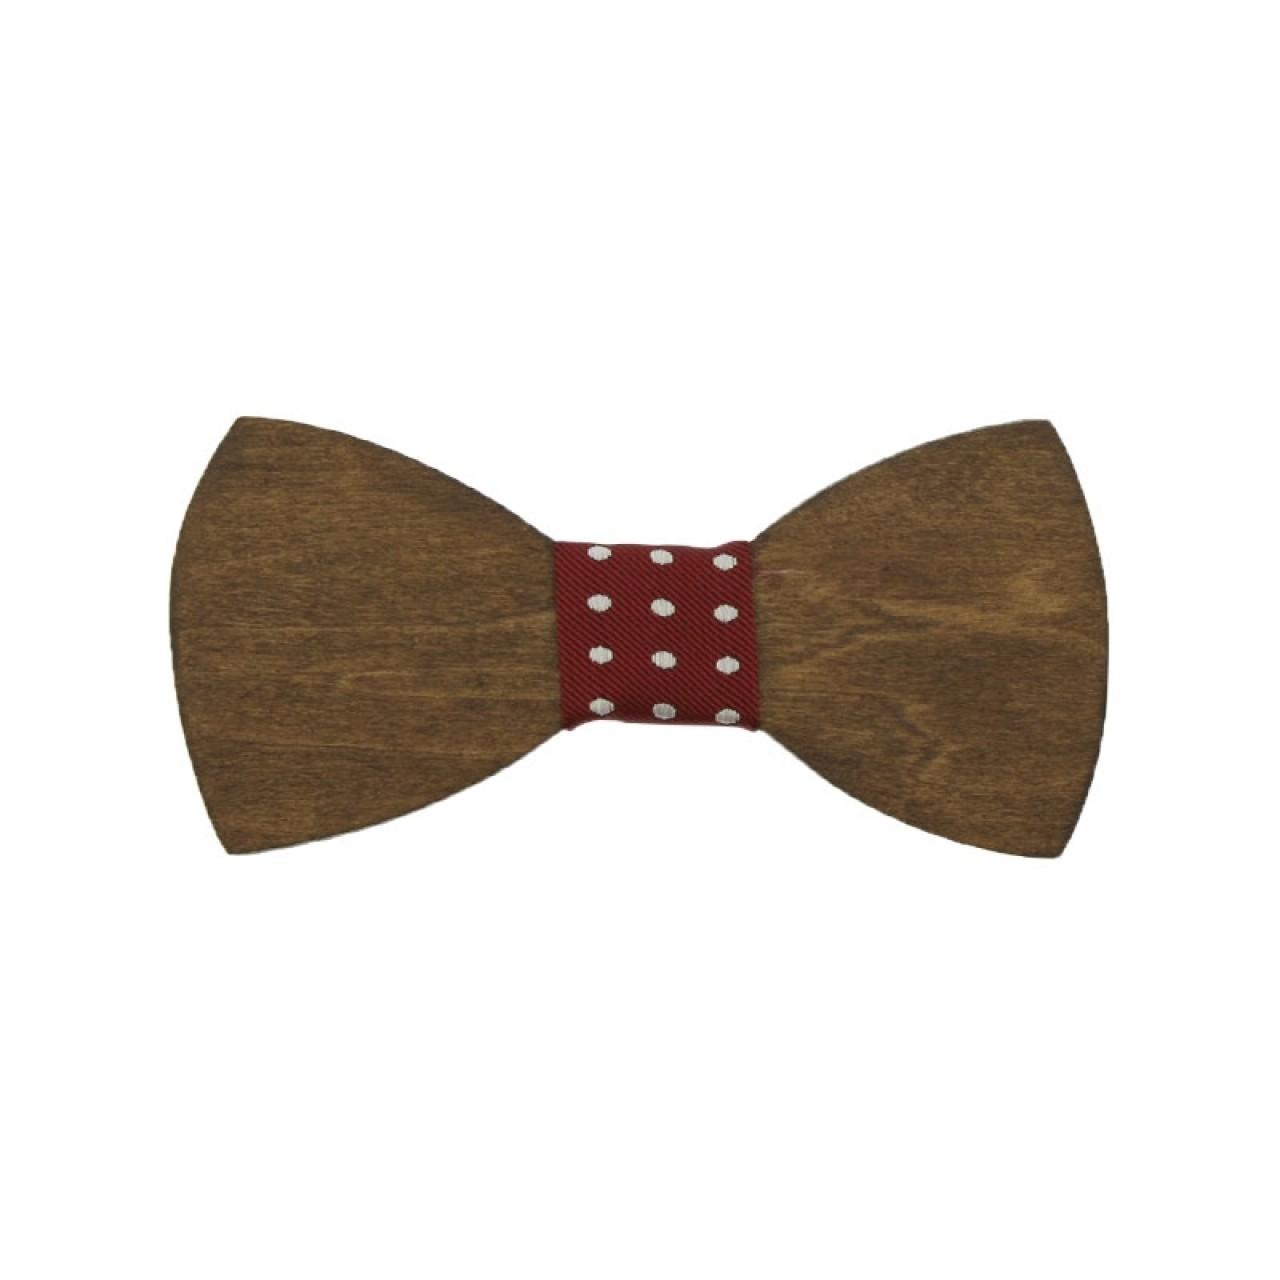 Ξύλινο Παιδικό Παπιγιόν Καρυδιά Με Κόμπο Πουά Μπορντό 2 έως 6 Χρονών - 3878